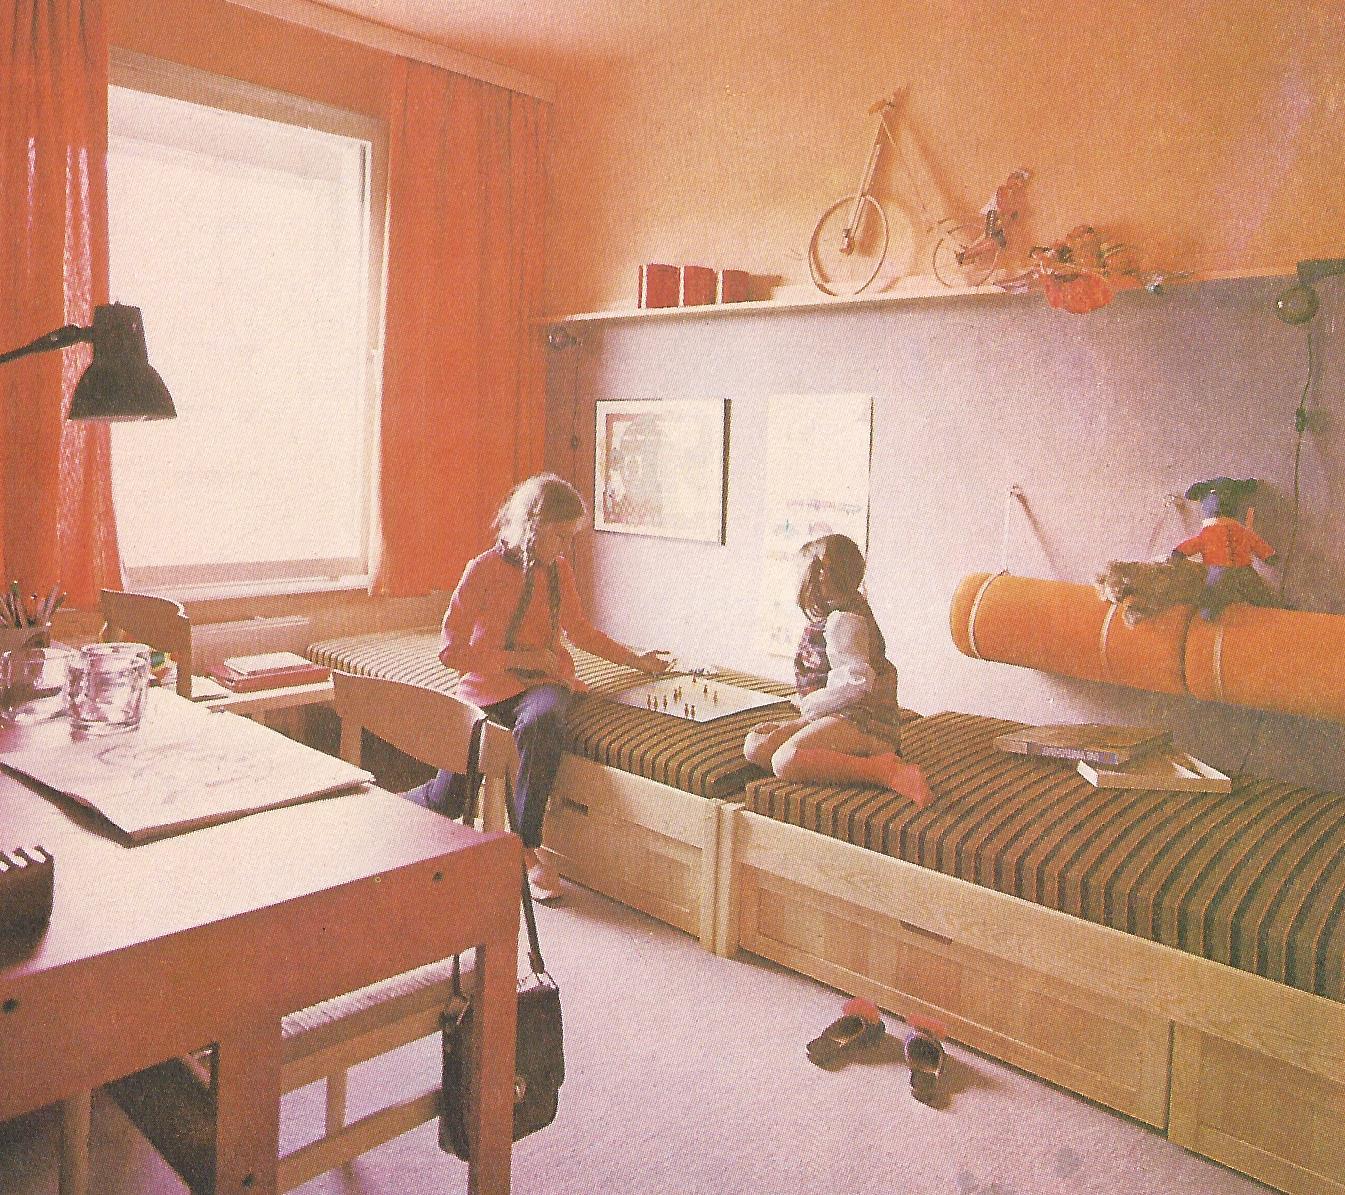 childrens adjacent beds